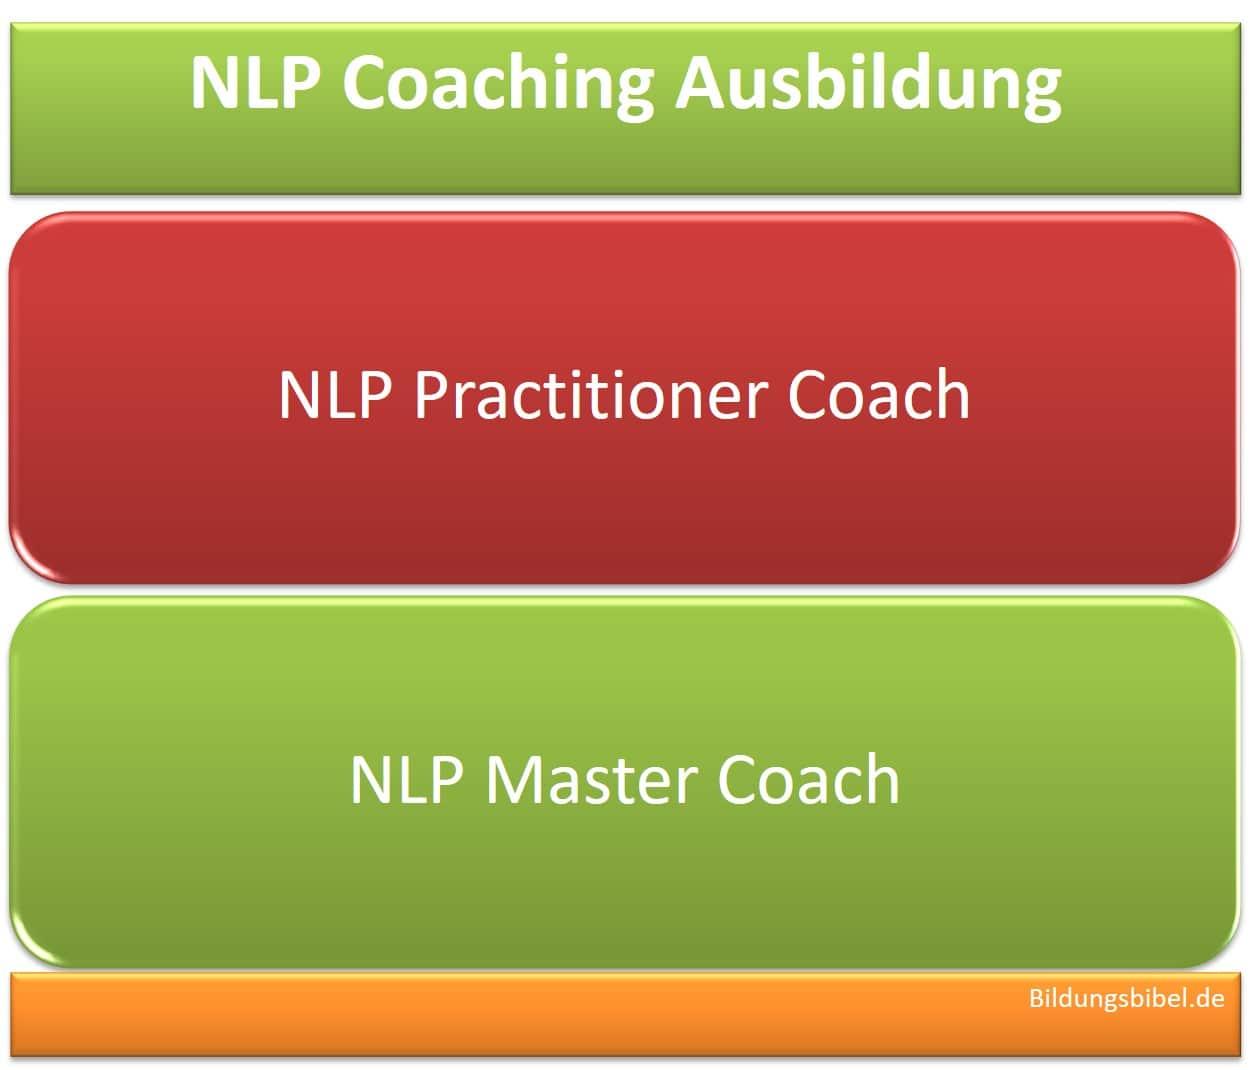 Die NLP Coaching Ausbildung zum Practitioner Coach und Master Coach, Voraussetzungen, Inhalte, Dauer sowie Zertifizierung